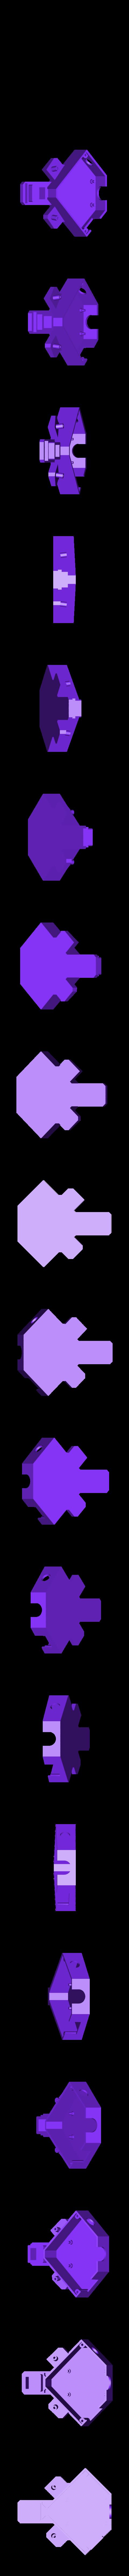 box reg.stl Télécharger fichier STL gratuit KINETIC 2 • Plan pour imprimante 3D, NOP21